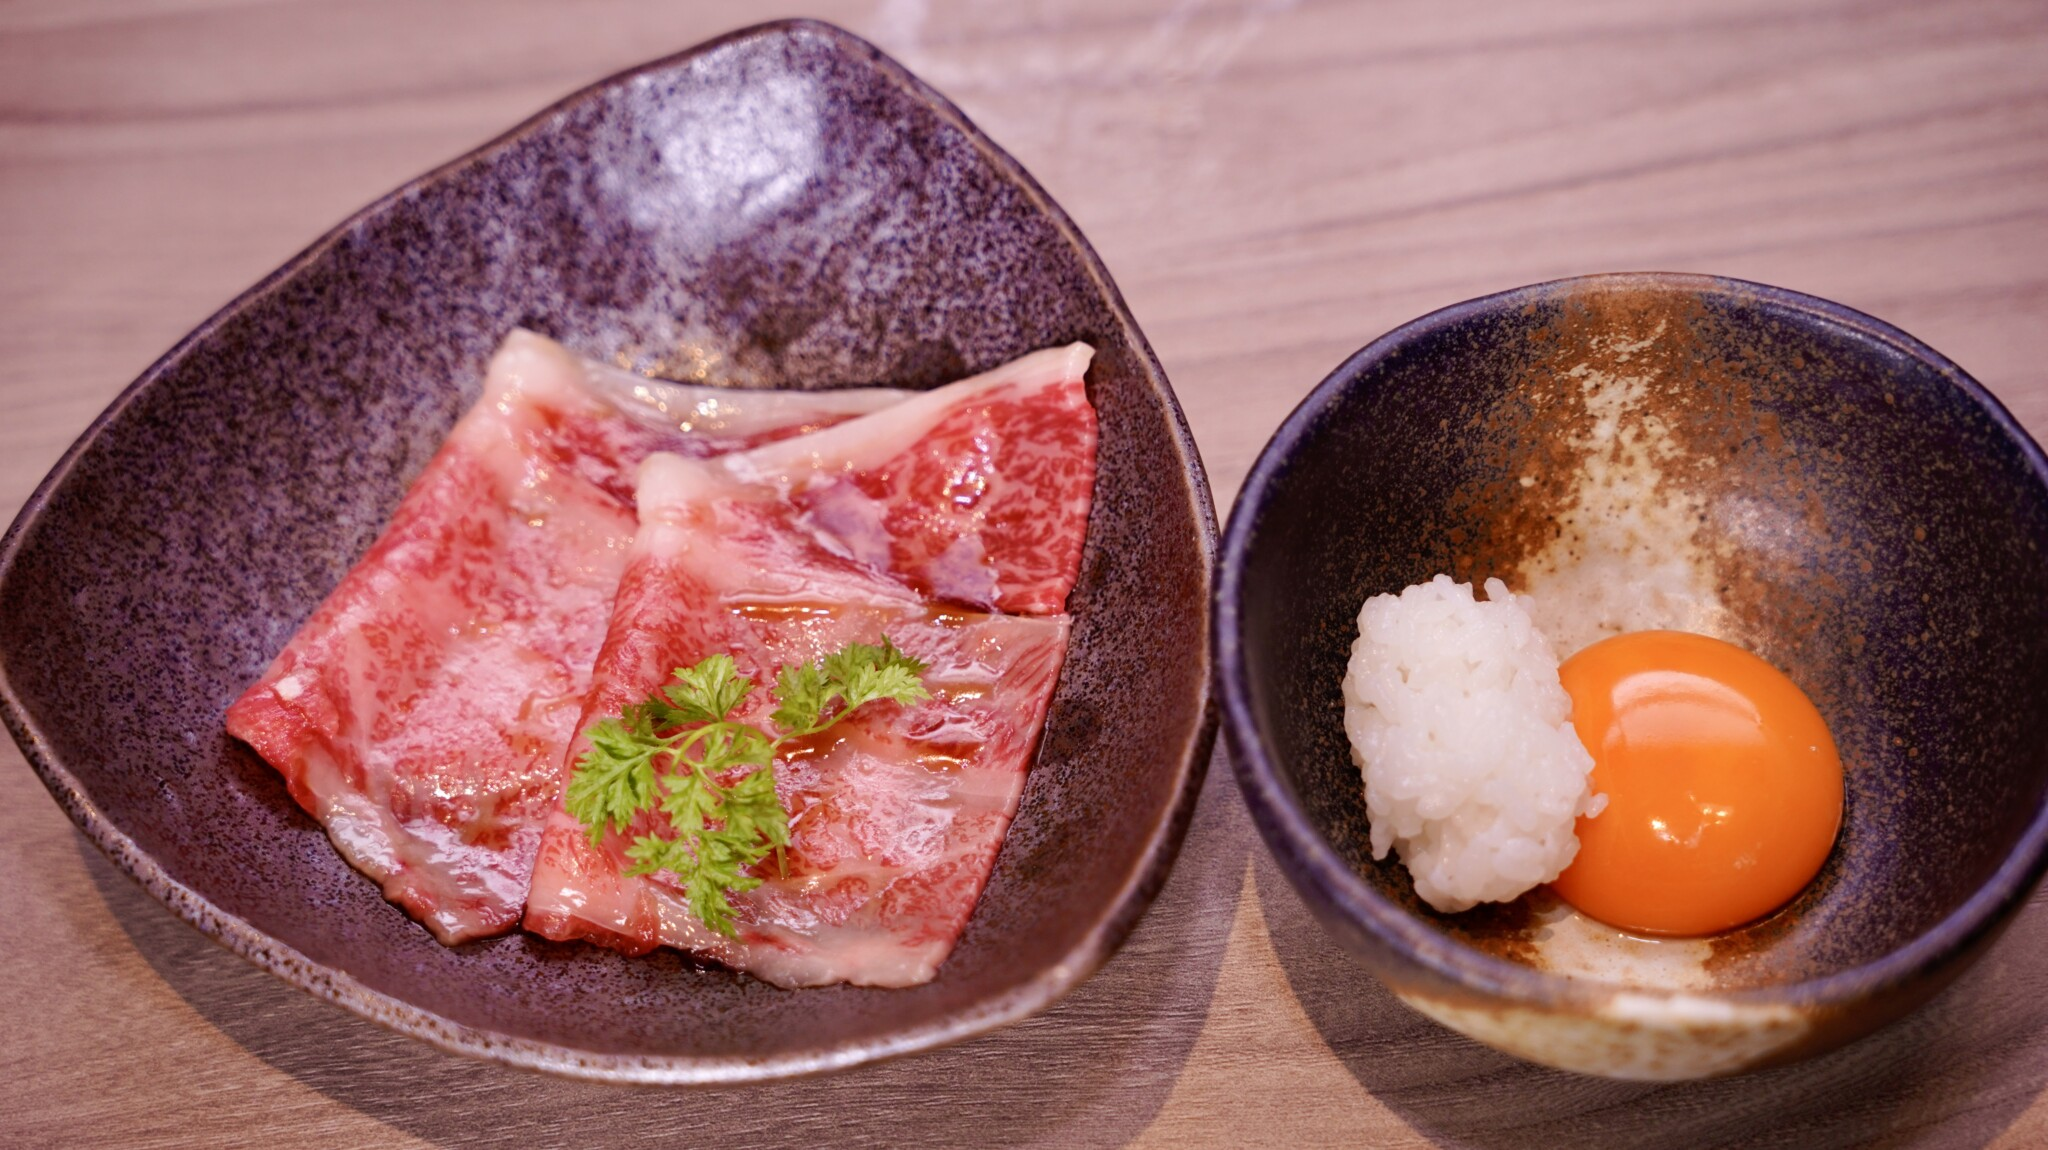 霜降りA5黒毛和牛「近江うし」を渋谷でカジュアルに!完全個室の焼肉店〈にくTATSU 渋谷店〉オープン。